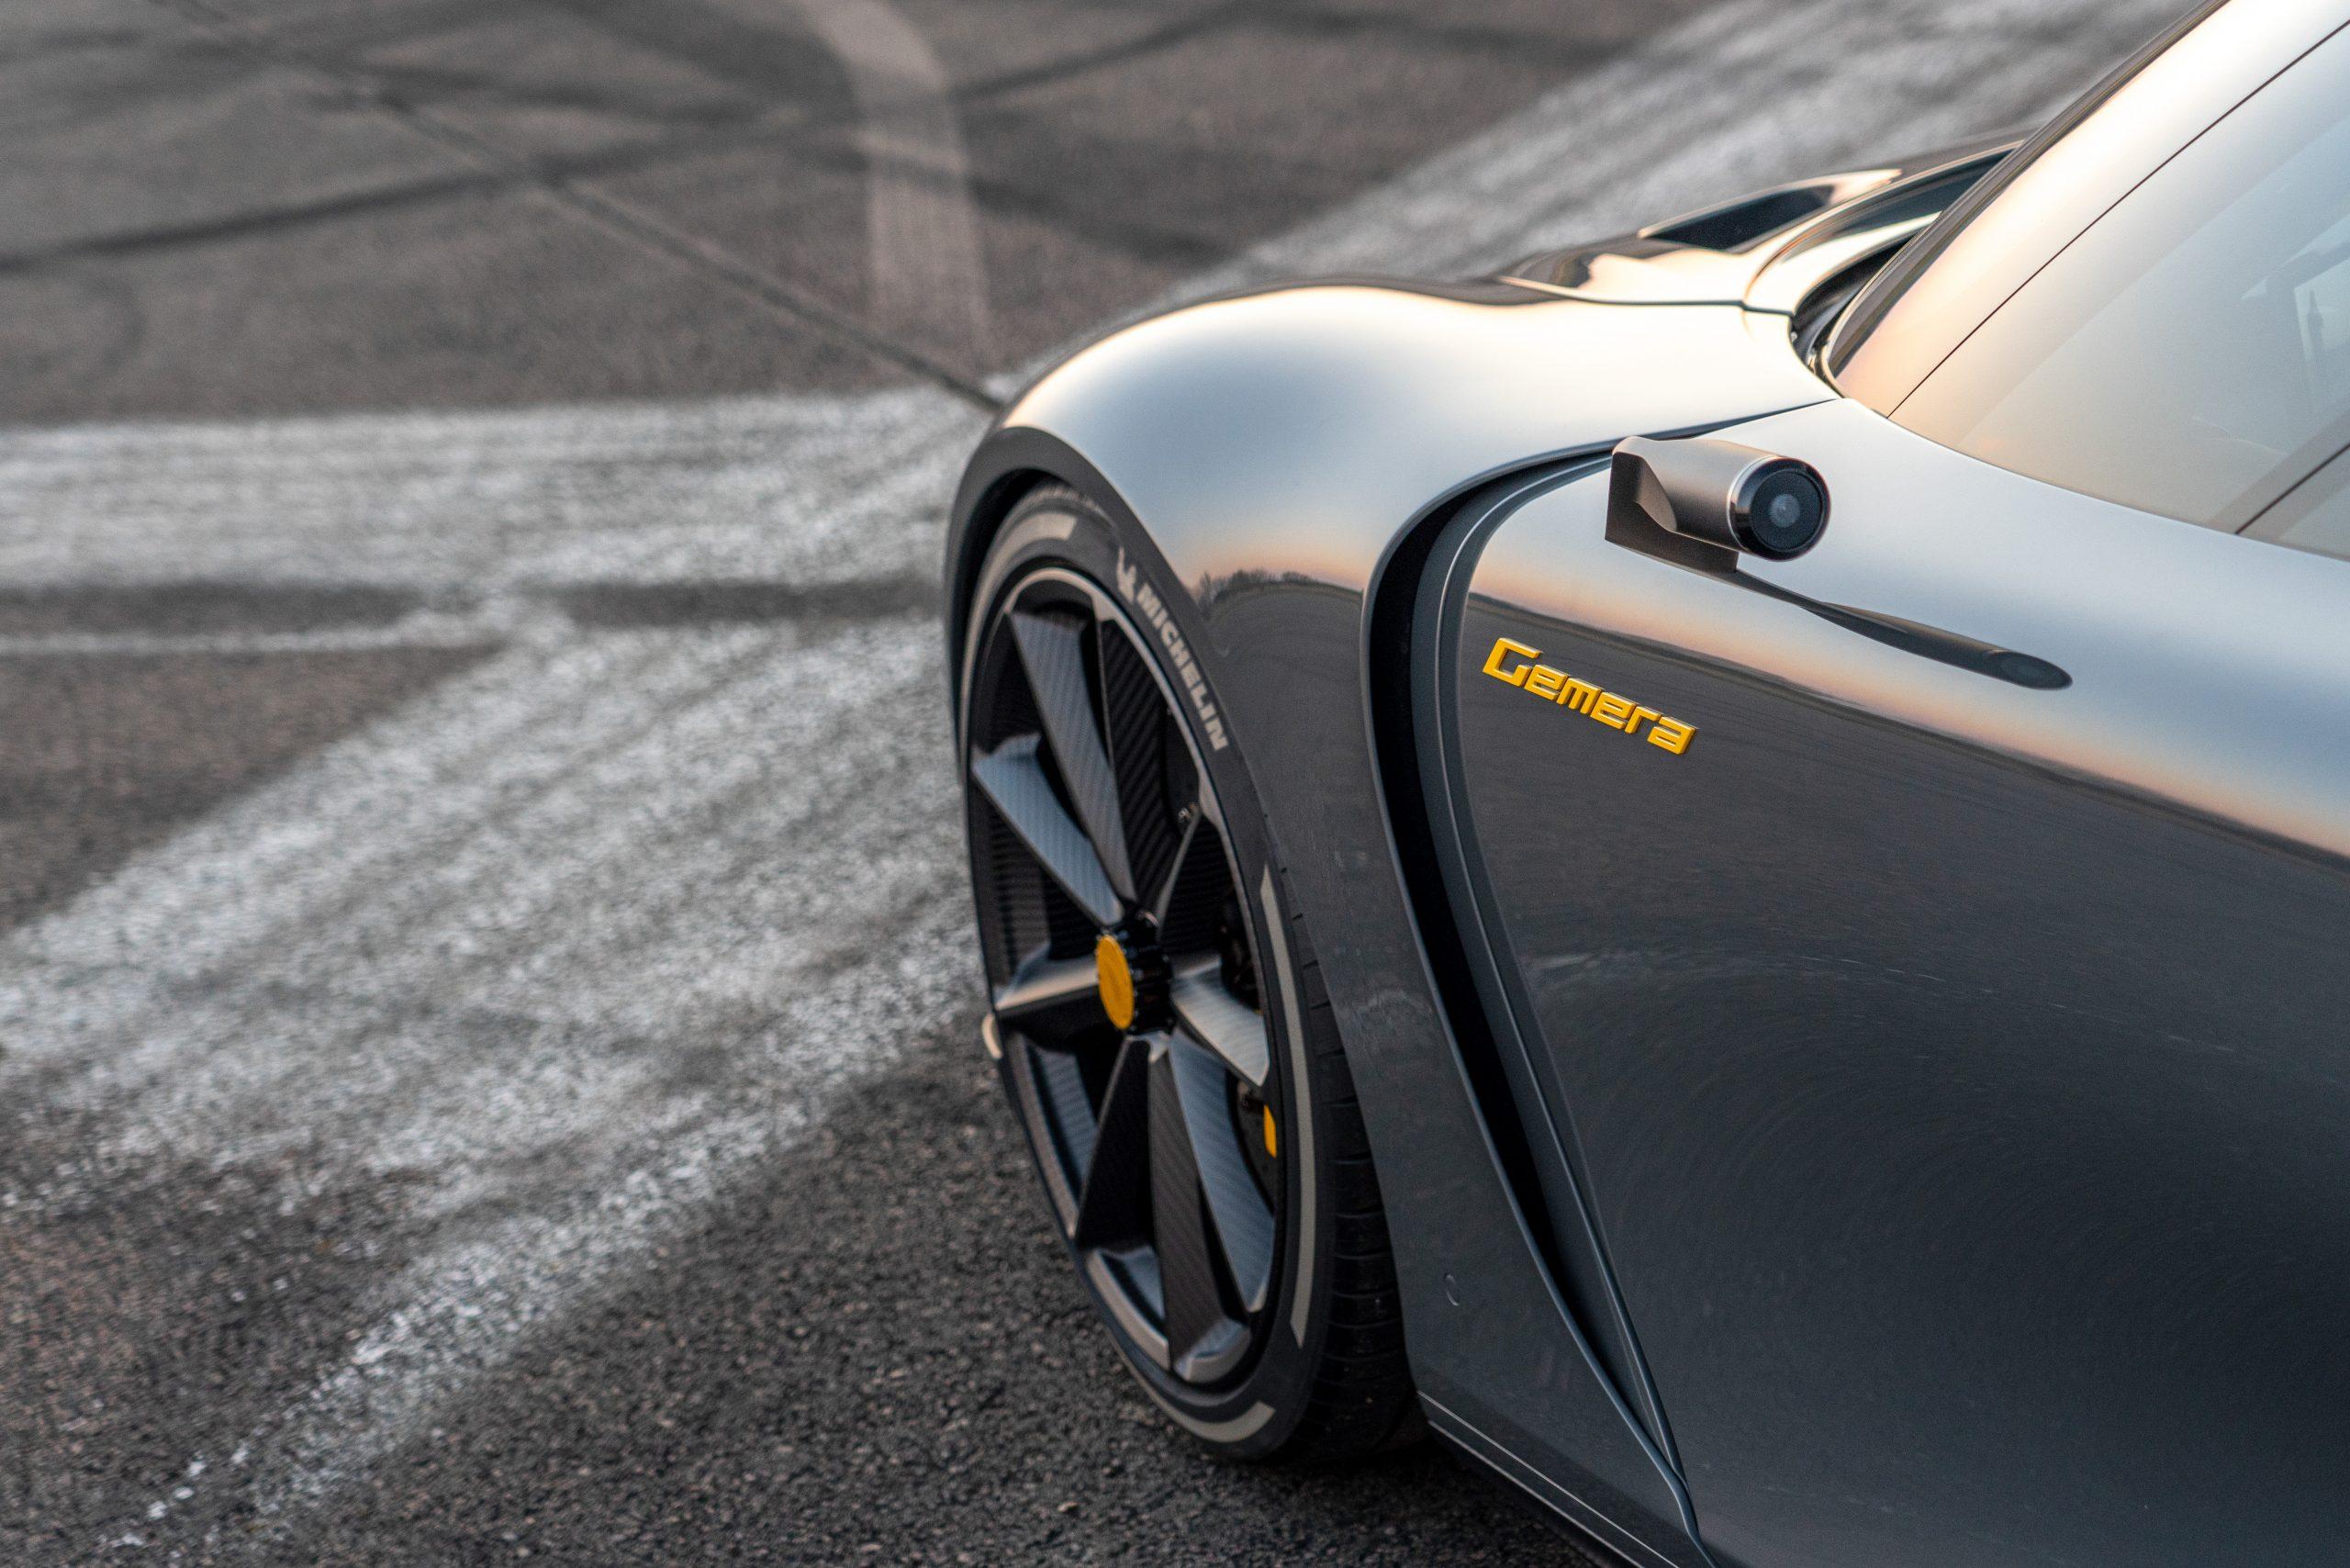 Koenigsegg Gemera fender detail